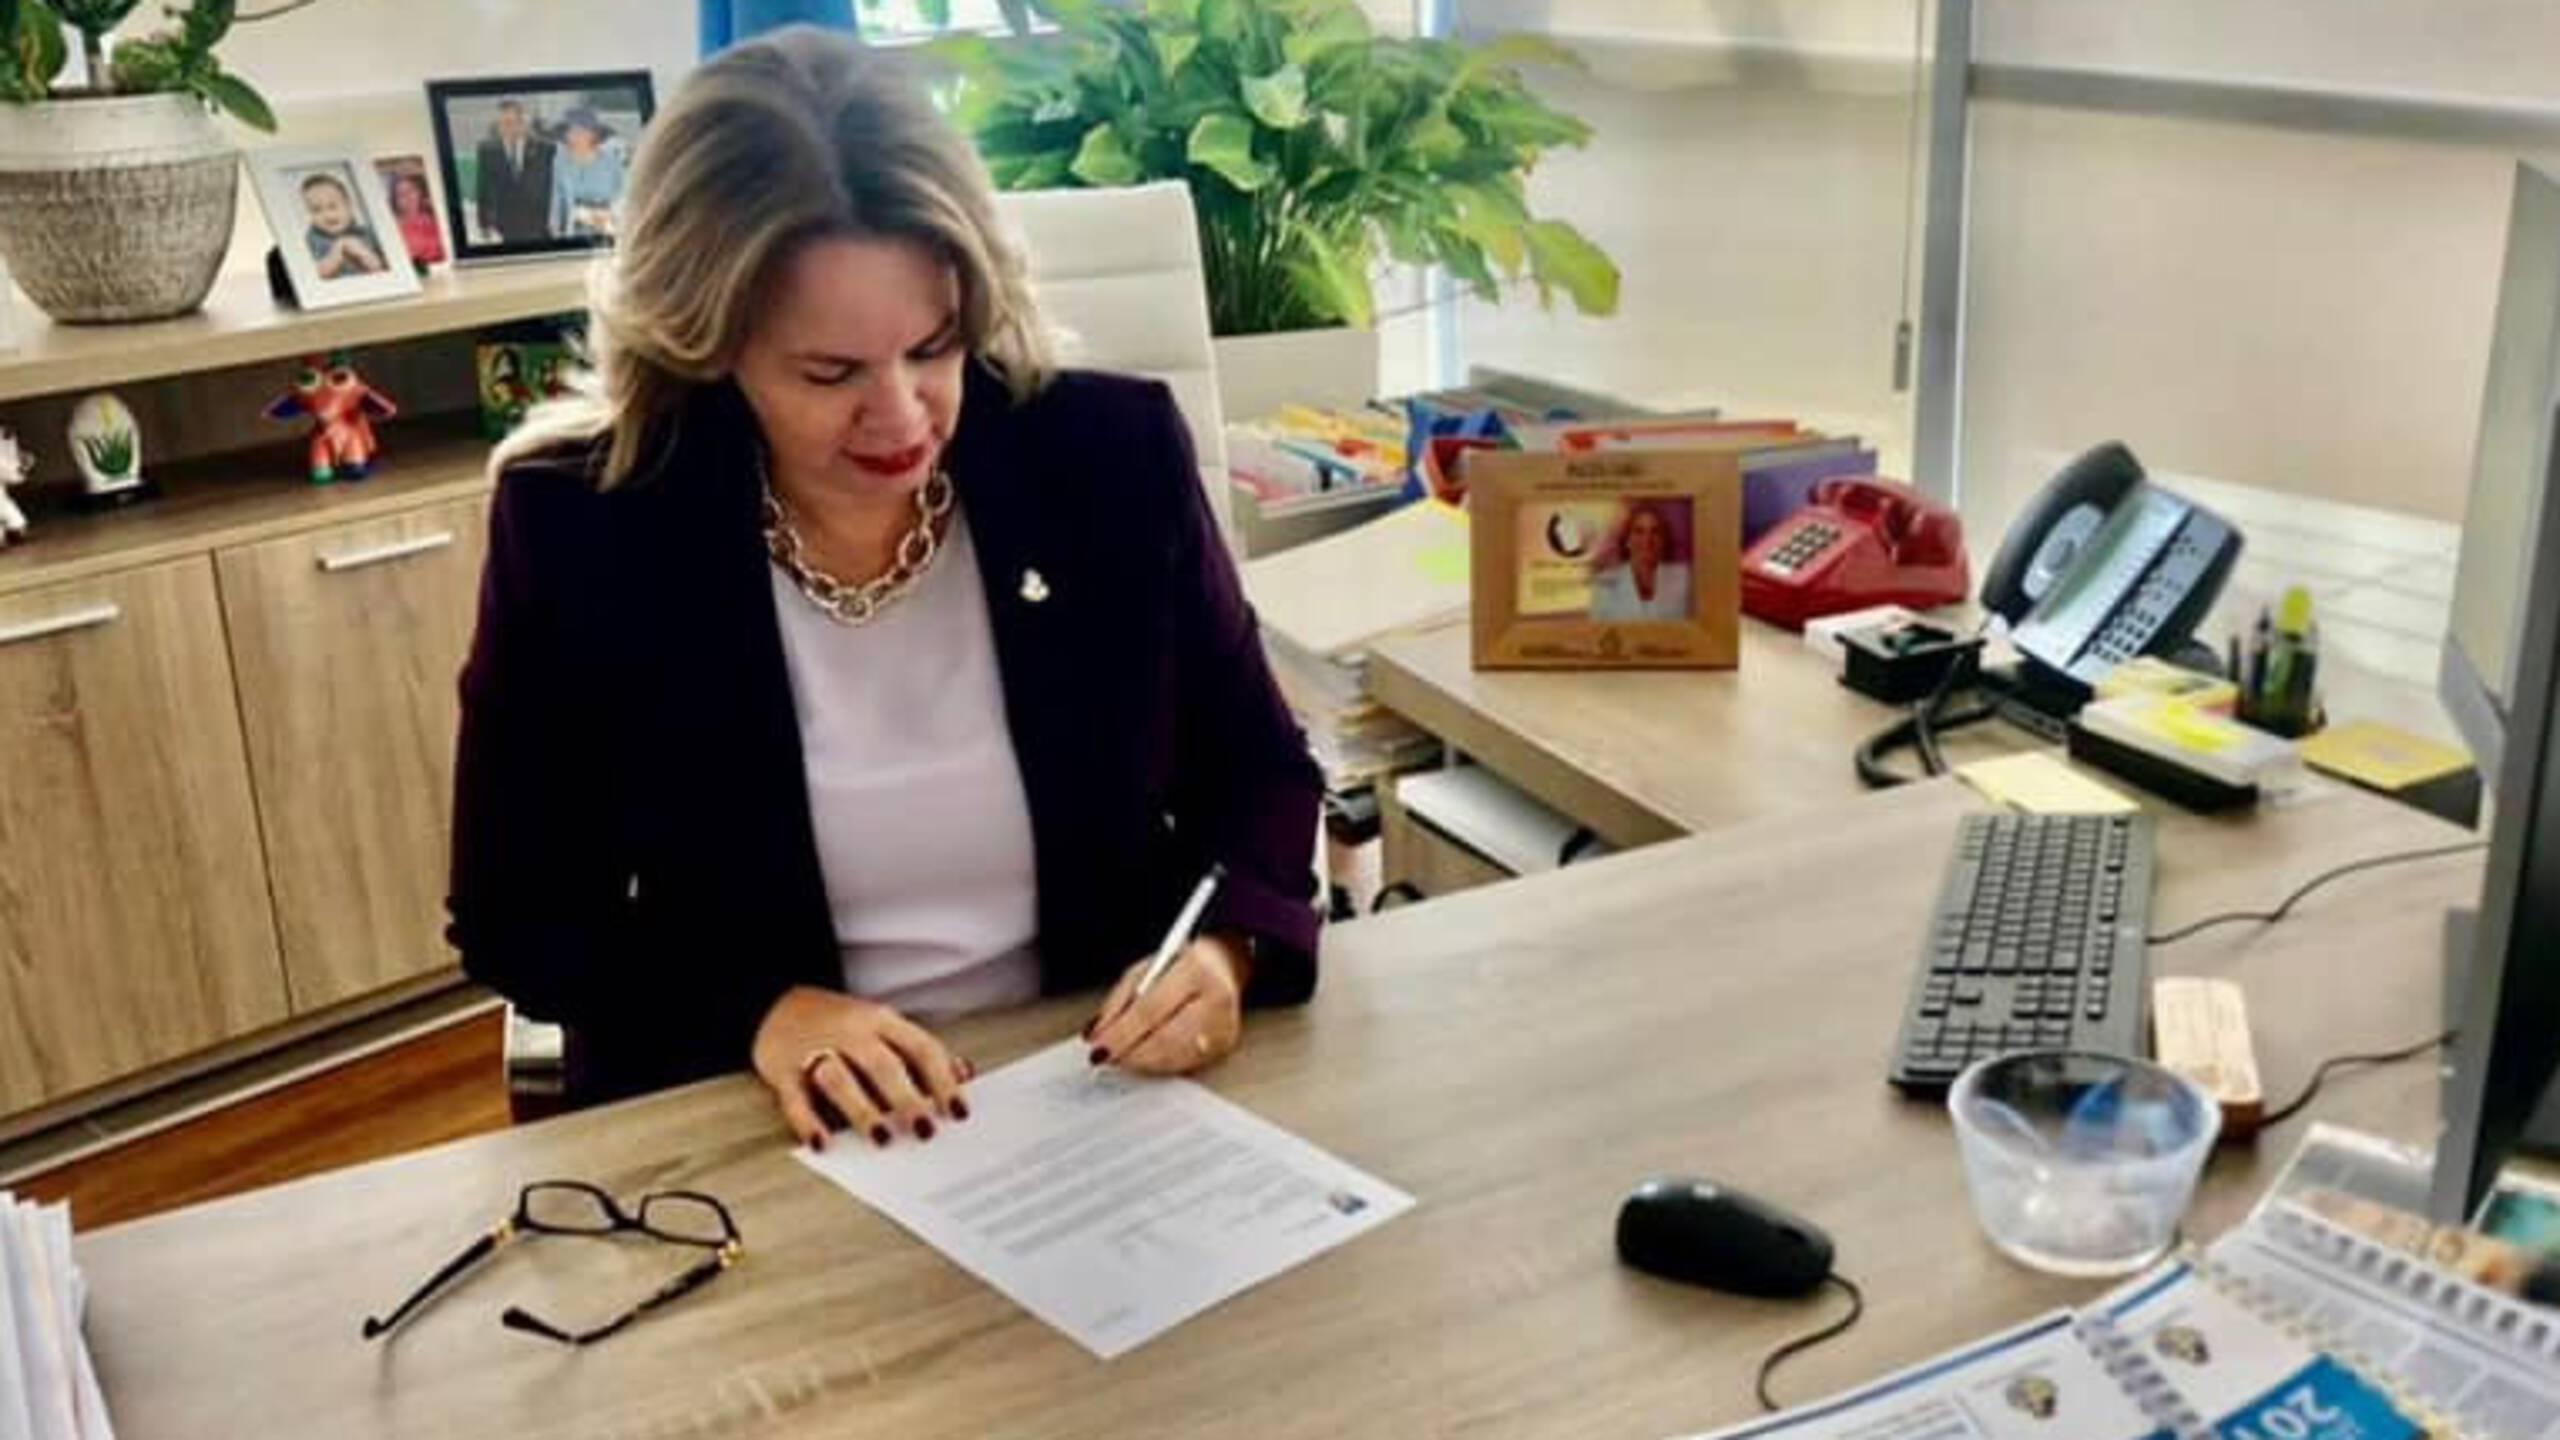 NOS   Kabinet Aruba gevallen, premier Wever-Croes heeft ontslag aangeboden